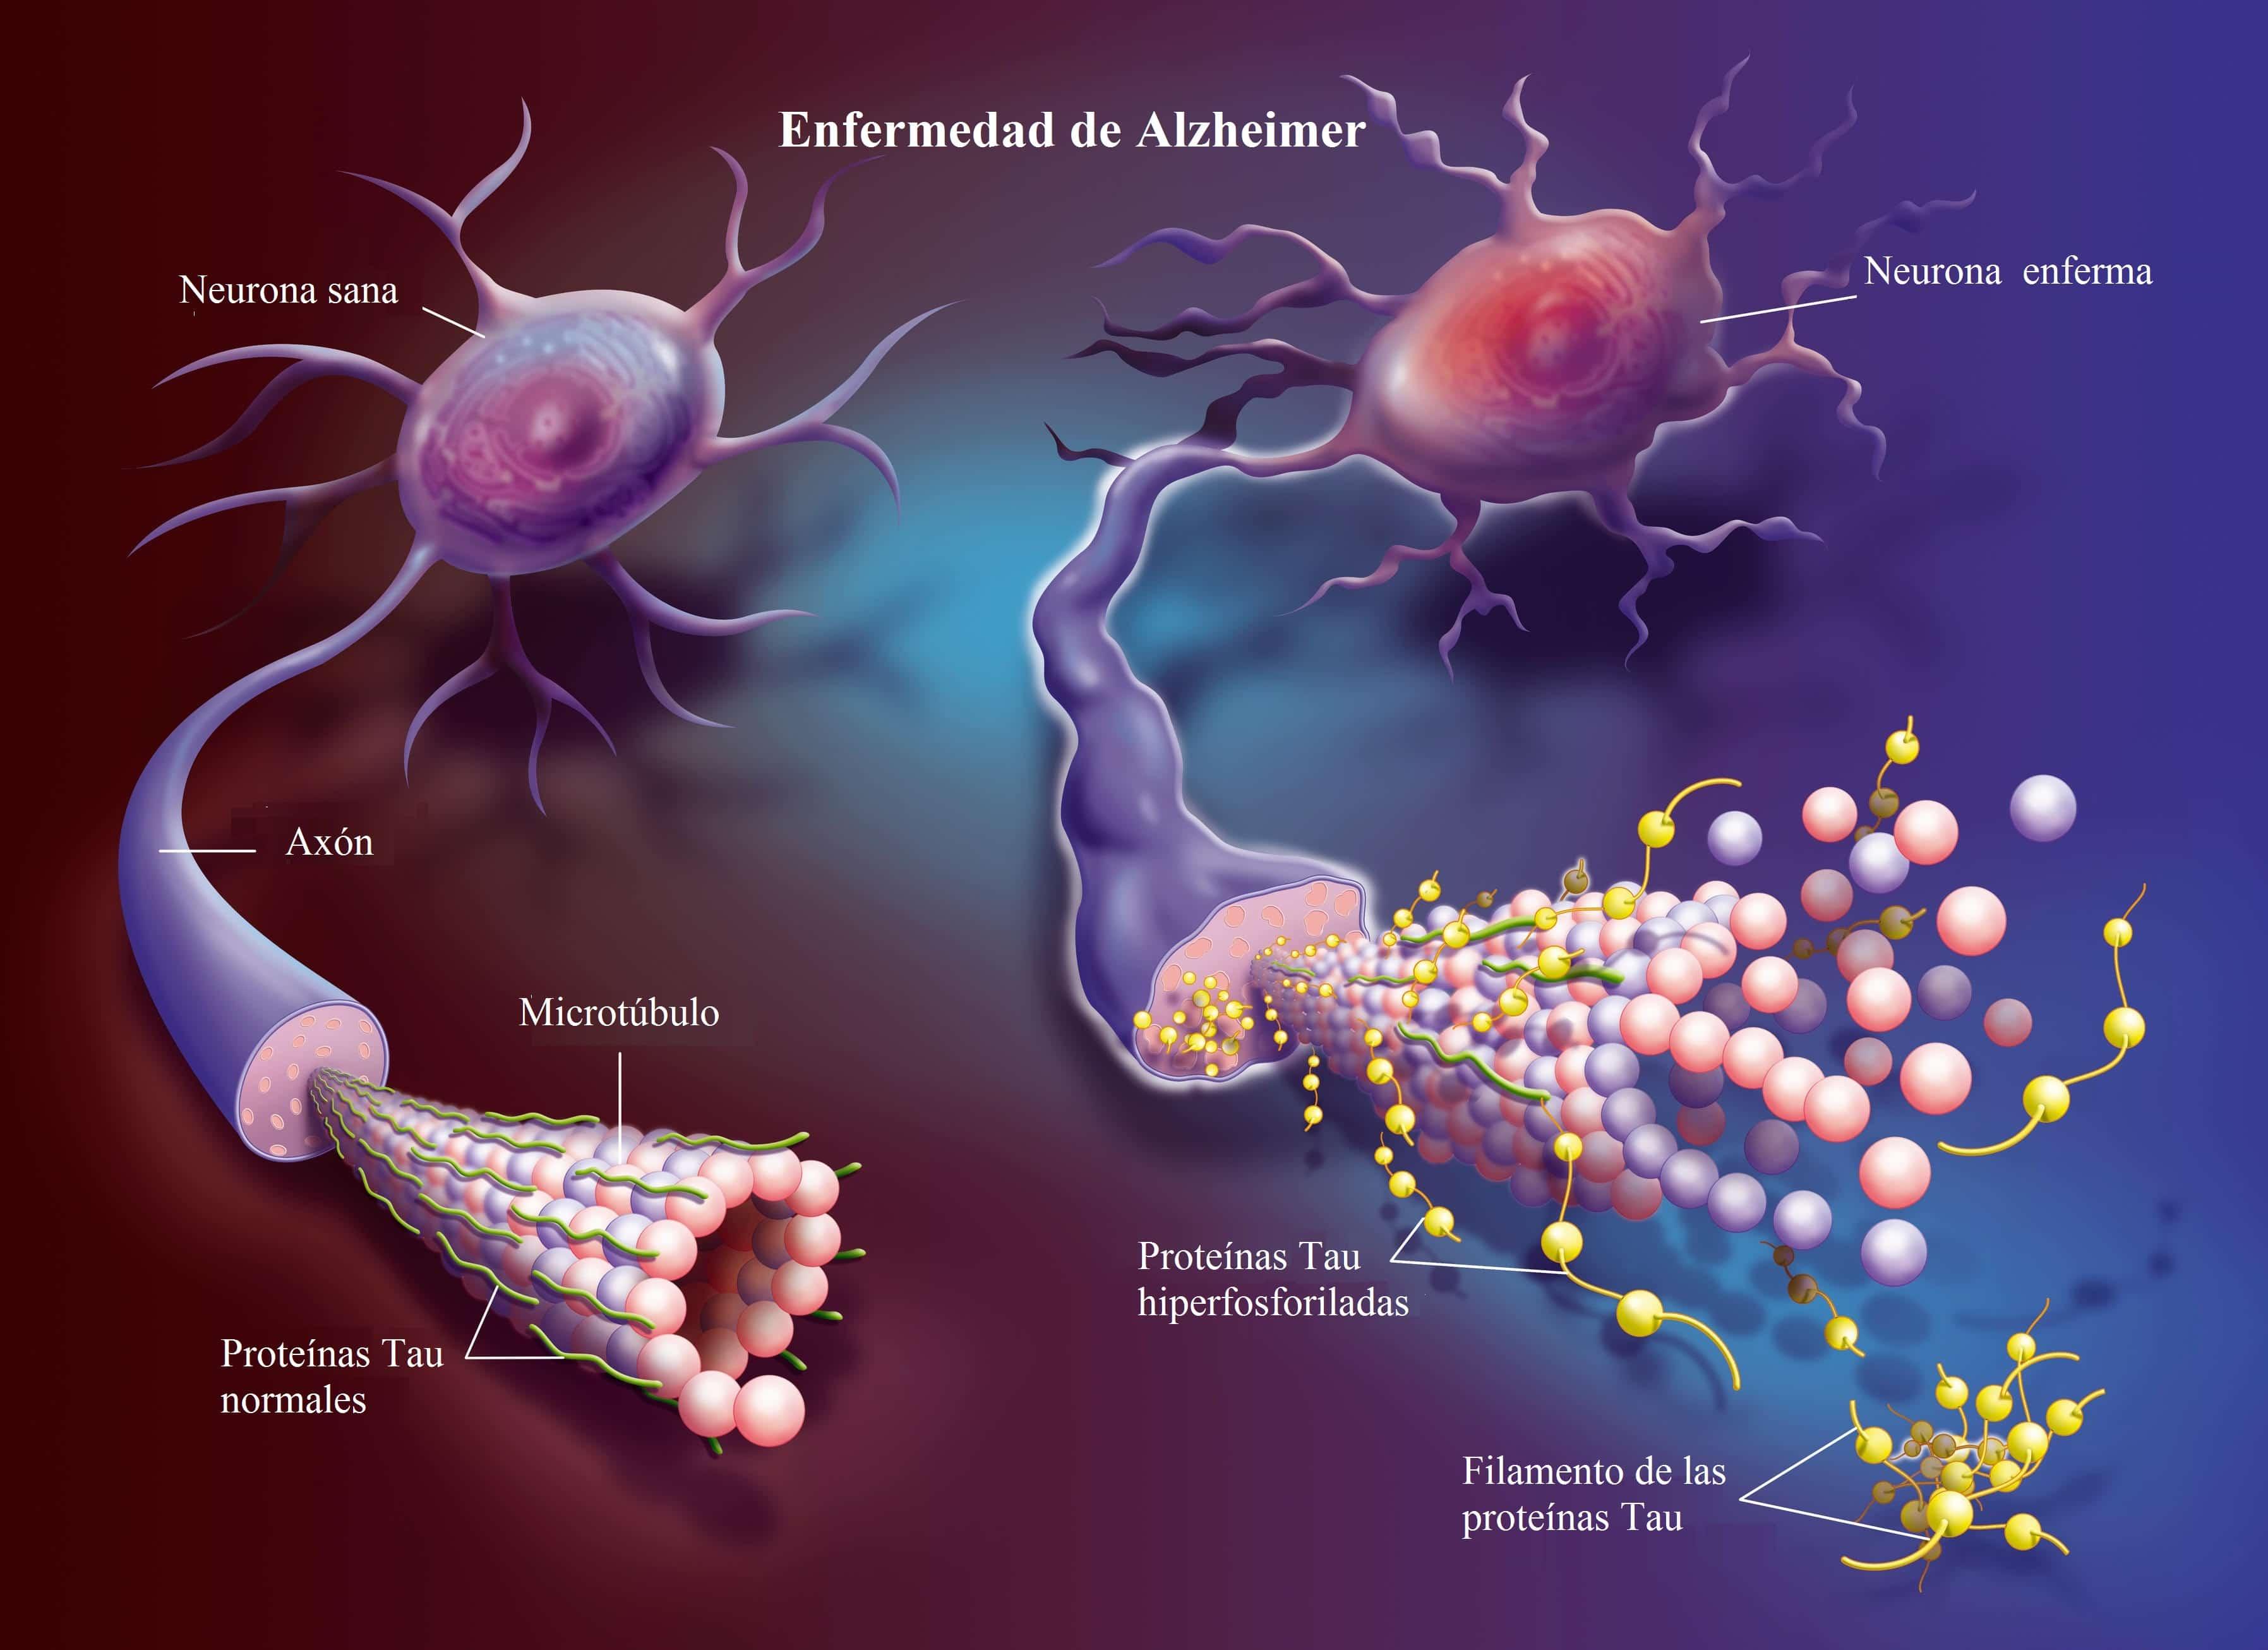 Alzheimer neuronas